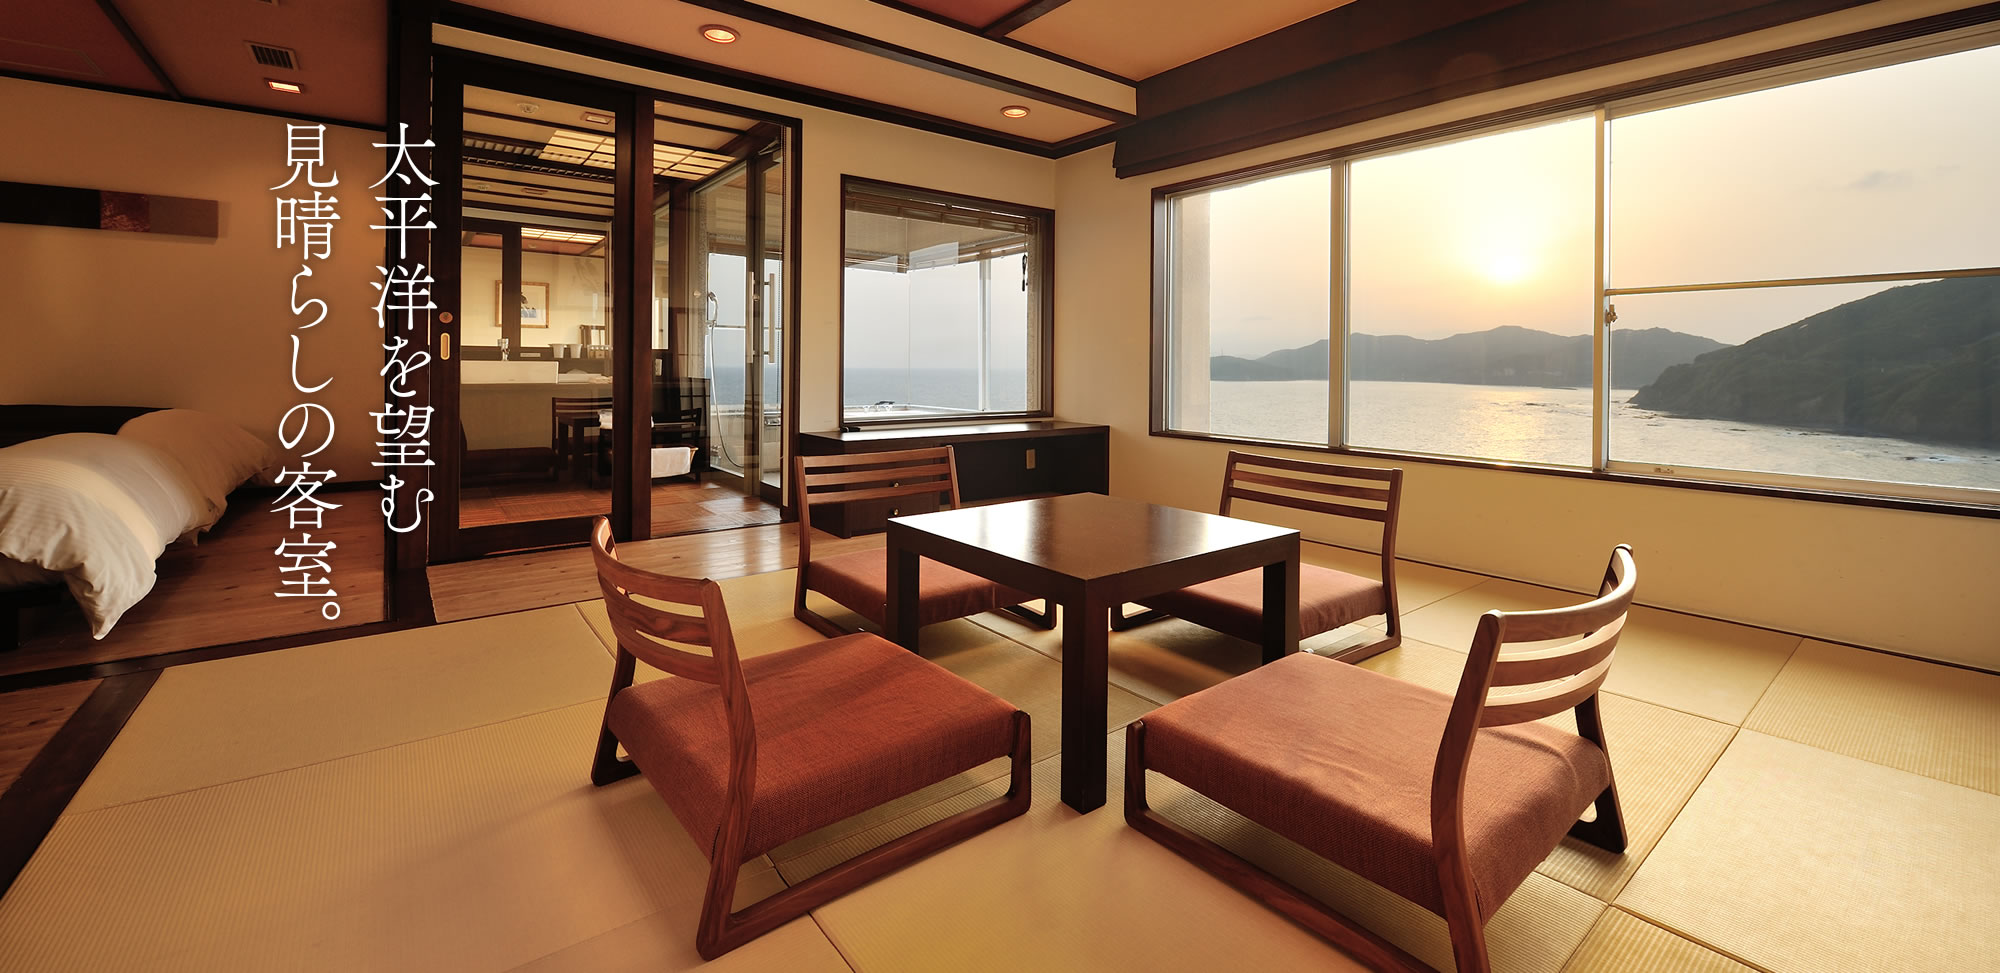 太平洋を望む見晴らしの客室。